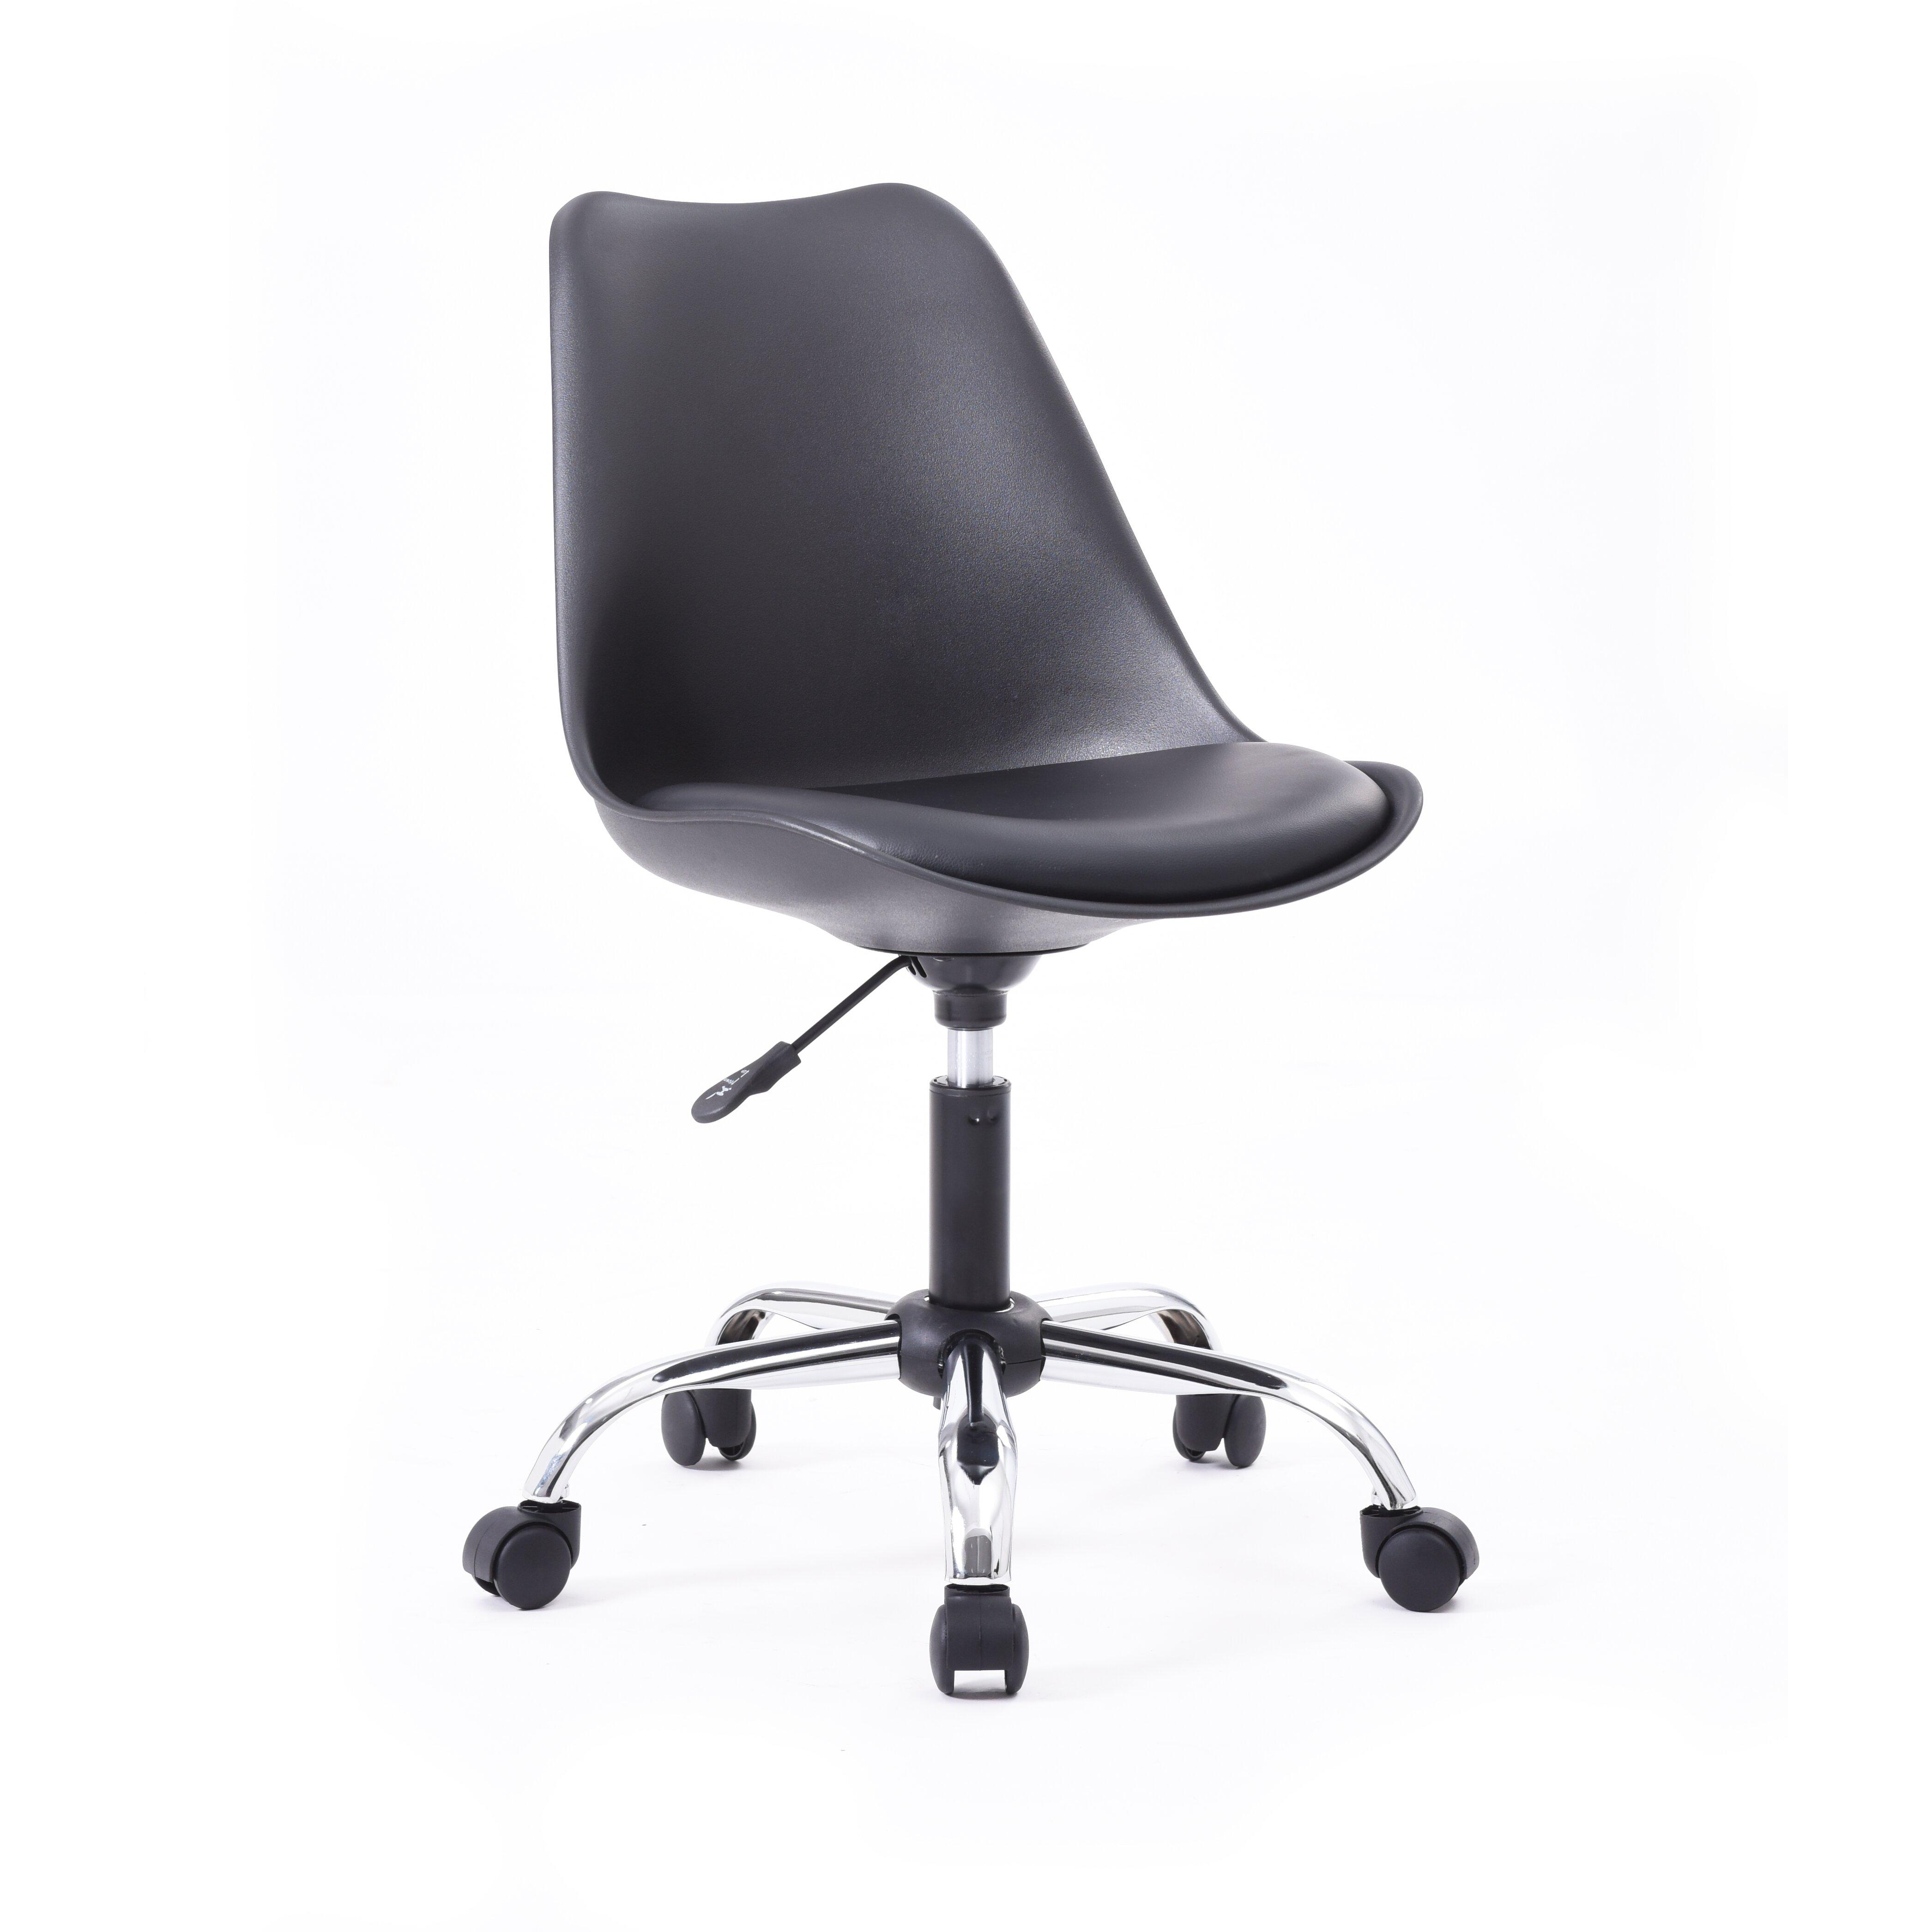 Varick Gallery Bergen Beach Desk Chair Reviews Wayfair